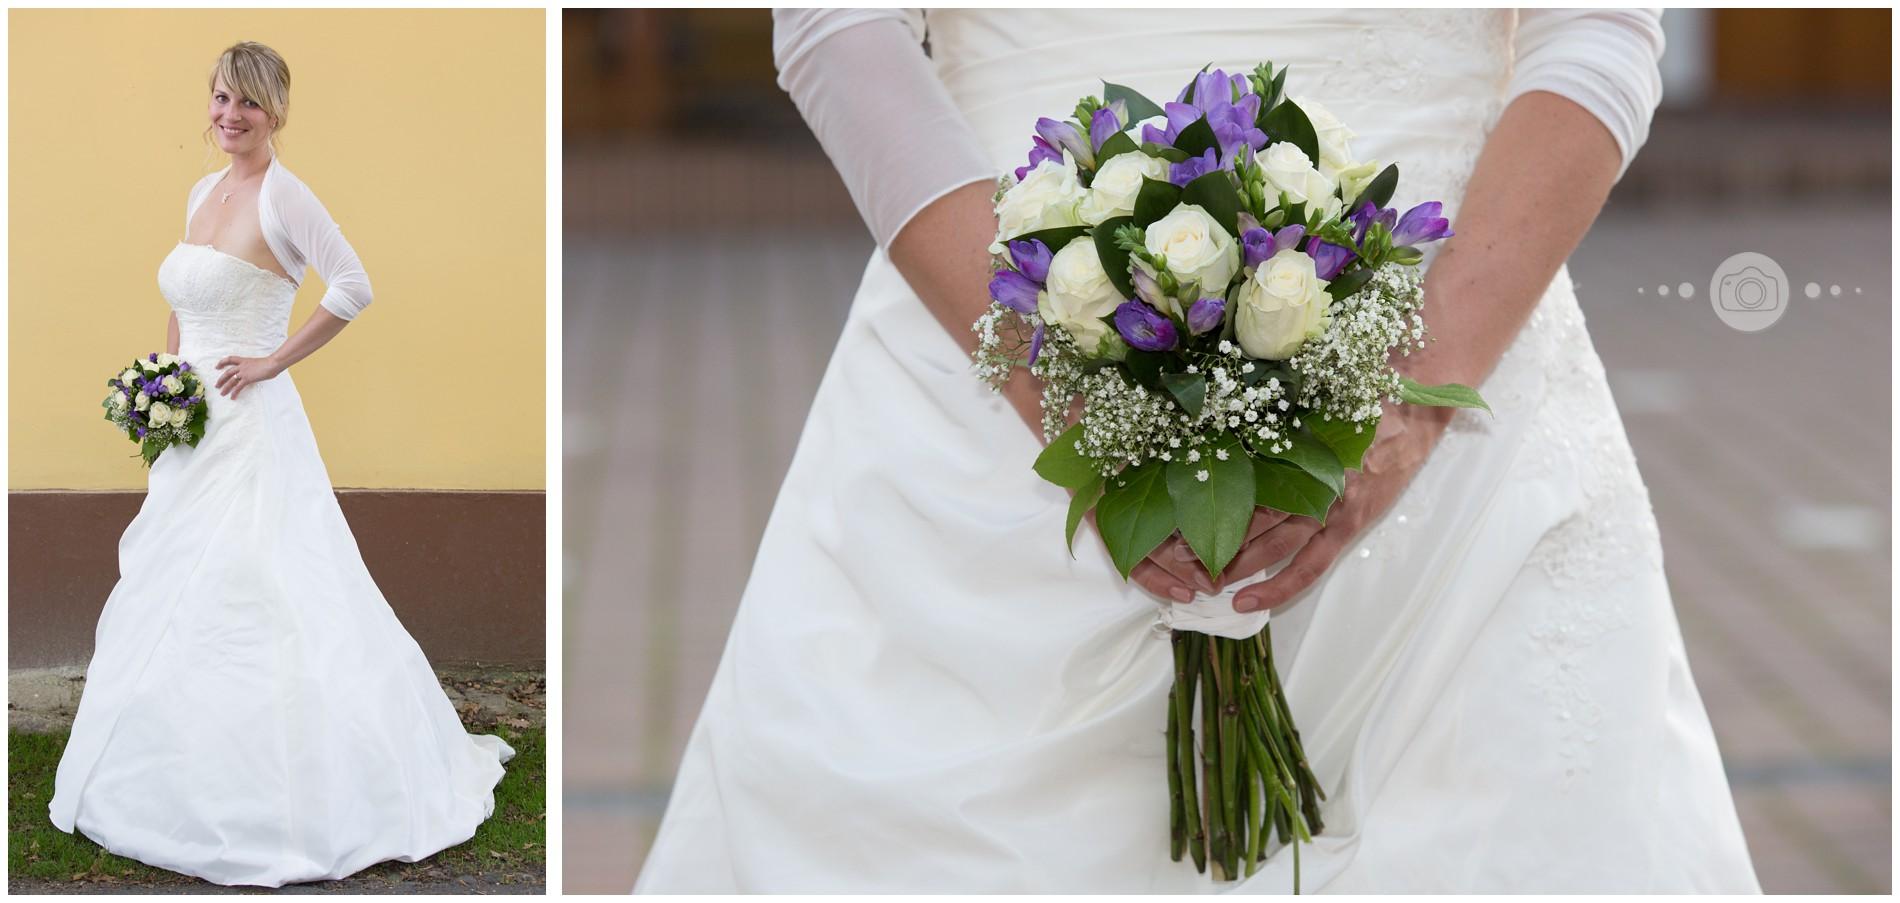 Brautstrauß - Englischsprachiger Hochzeitsfotograf Stephanie Scharschmidt